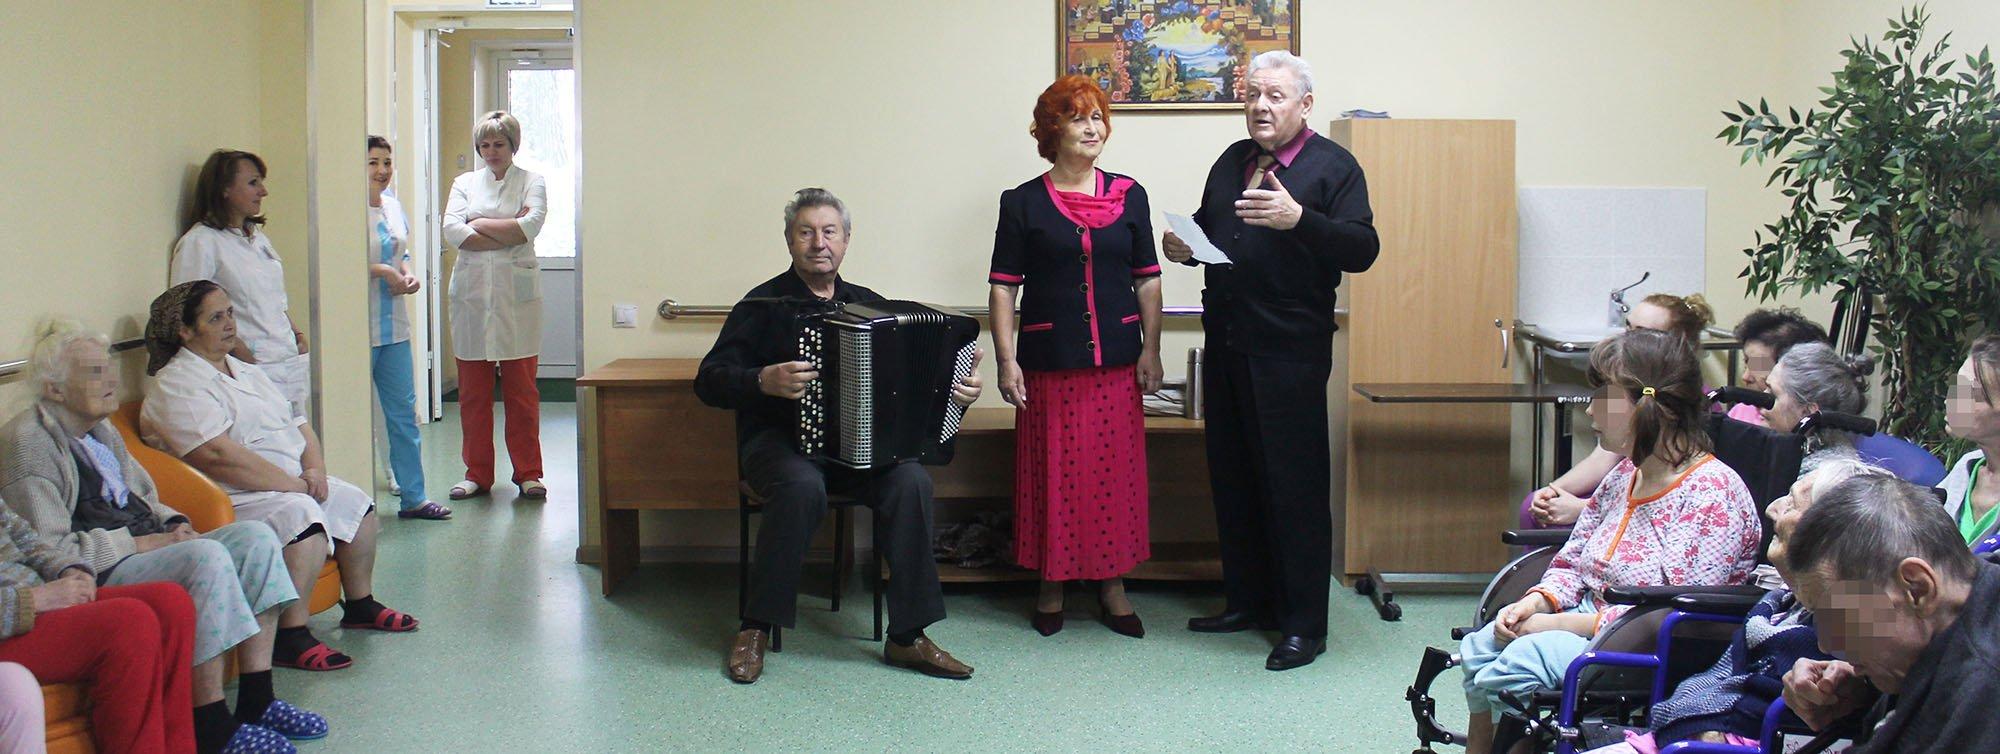 В 19 отделении Ставропольской психбольницы состоялся концерт трио «Мелодия»